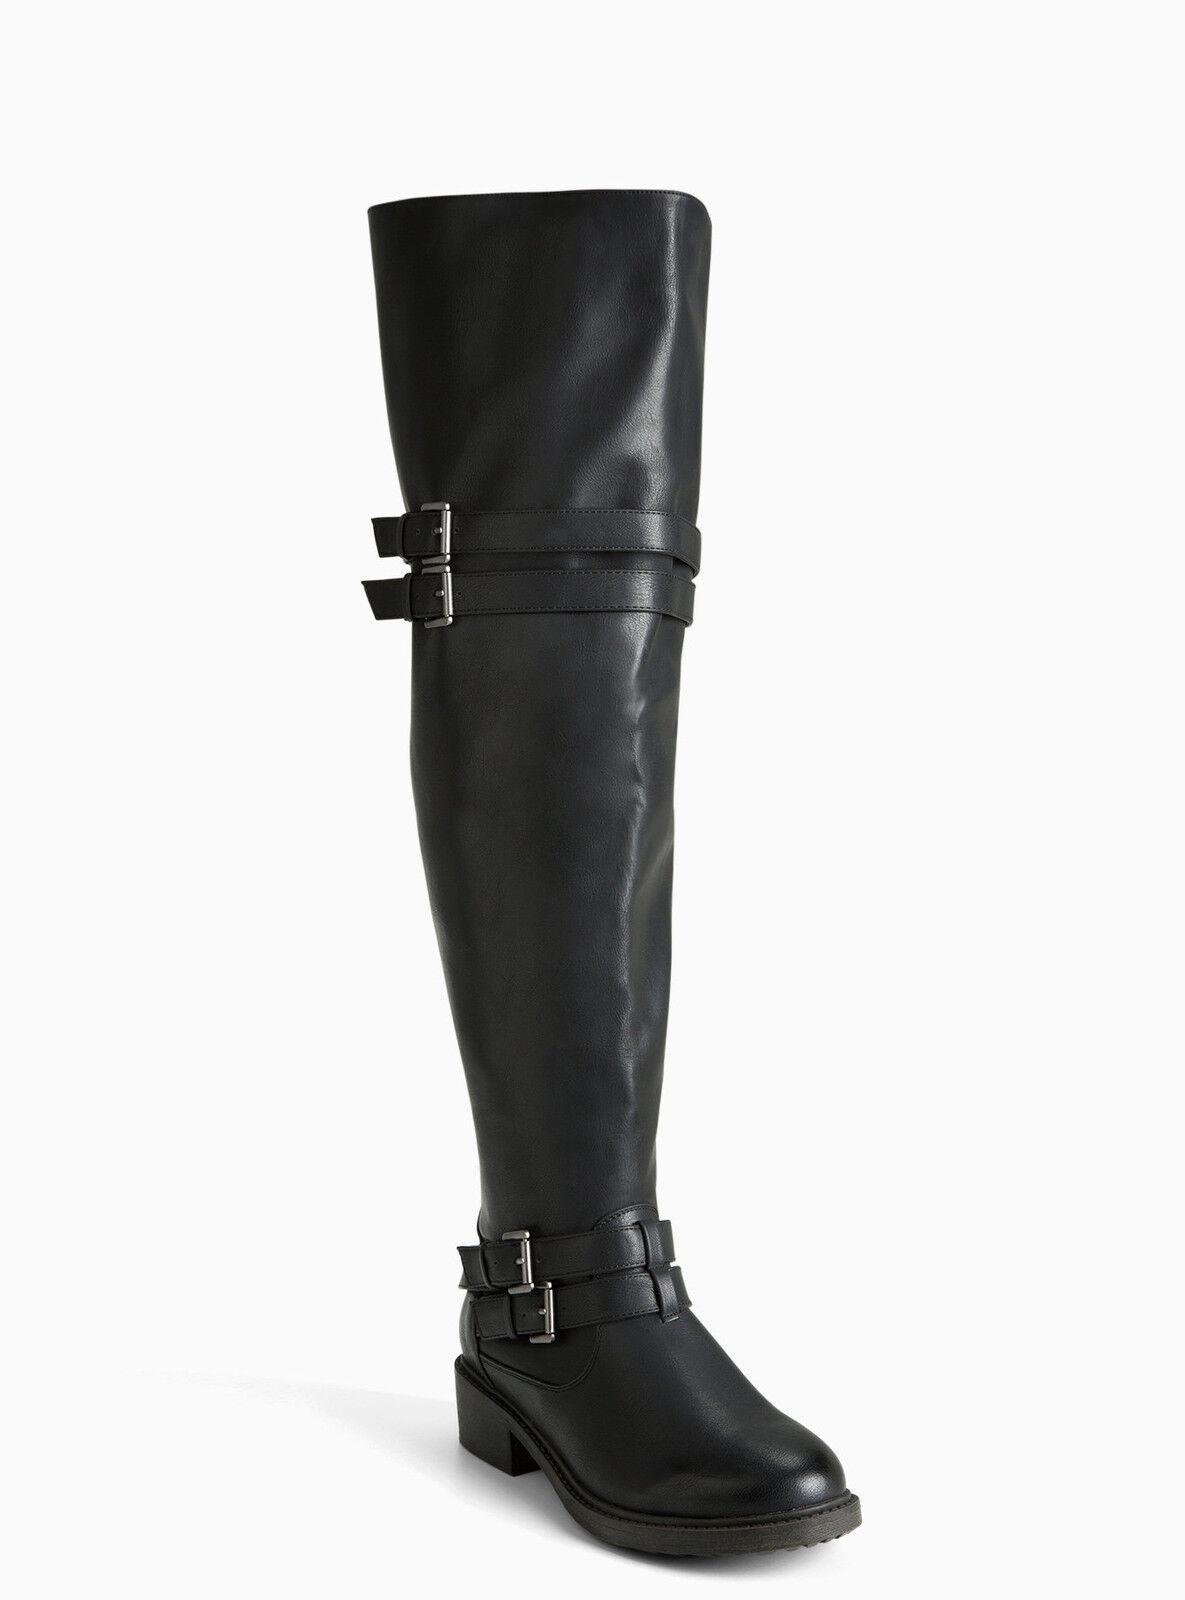 Torrid sobre la rodilla botas múltiples Negras correa de múltiples botas (Ancho Ancho & Ancho Pantorrilla) 7 W 5edf3f